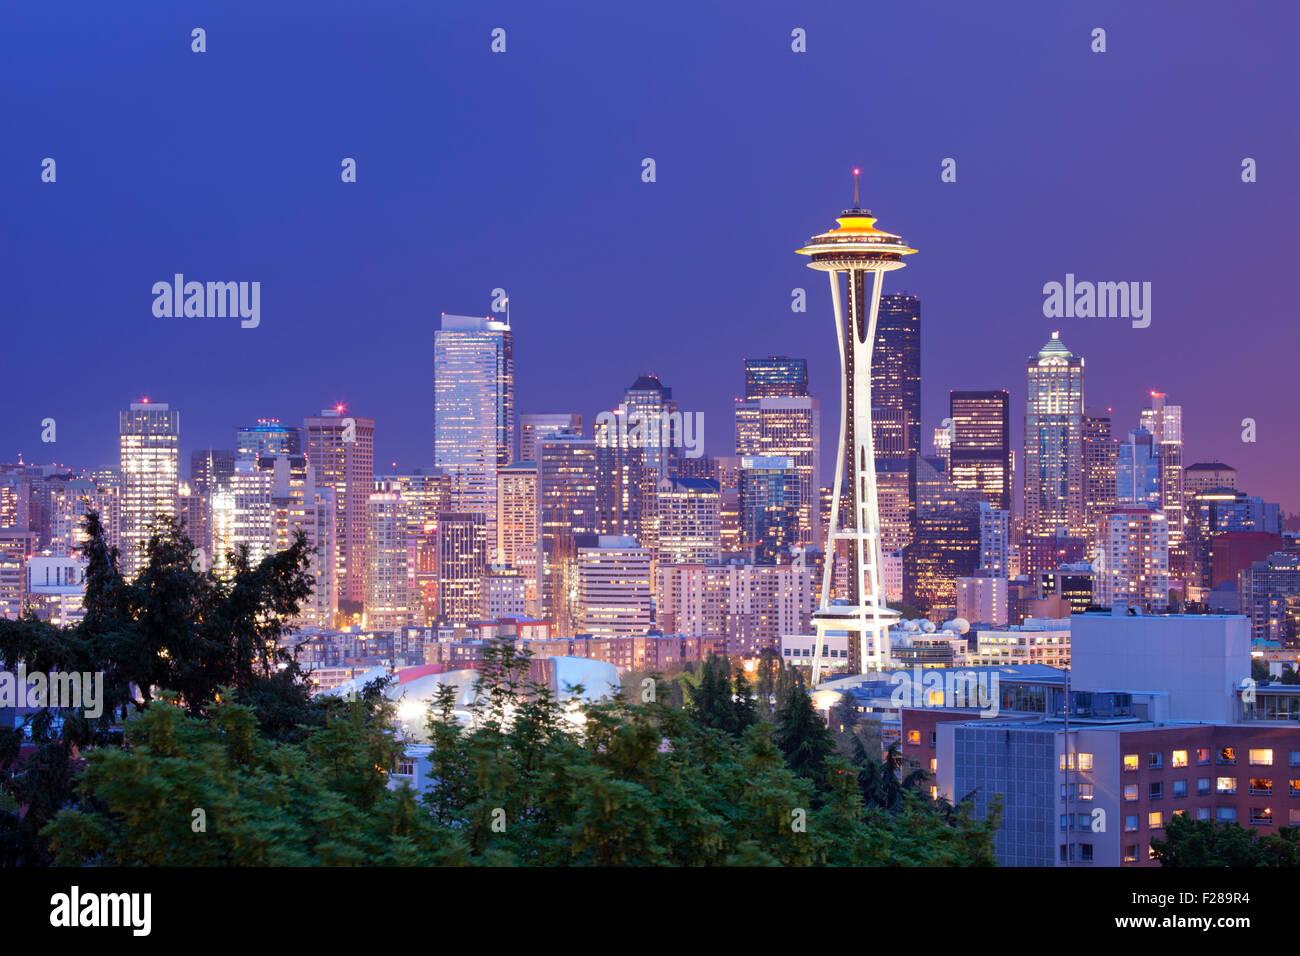 Lo Space Needle e la skyline di Seattle in Washington, Stati Uniti d'America. Fotografato di notte. Immagini Stock